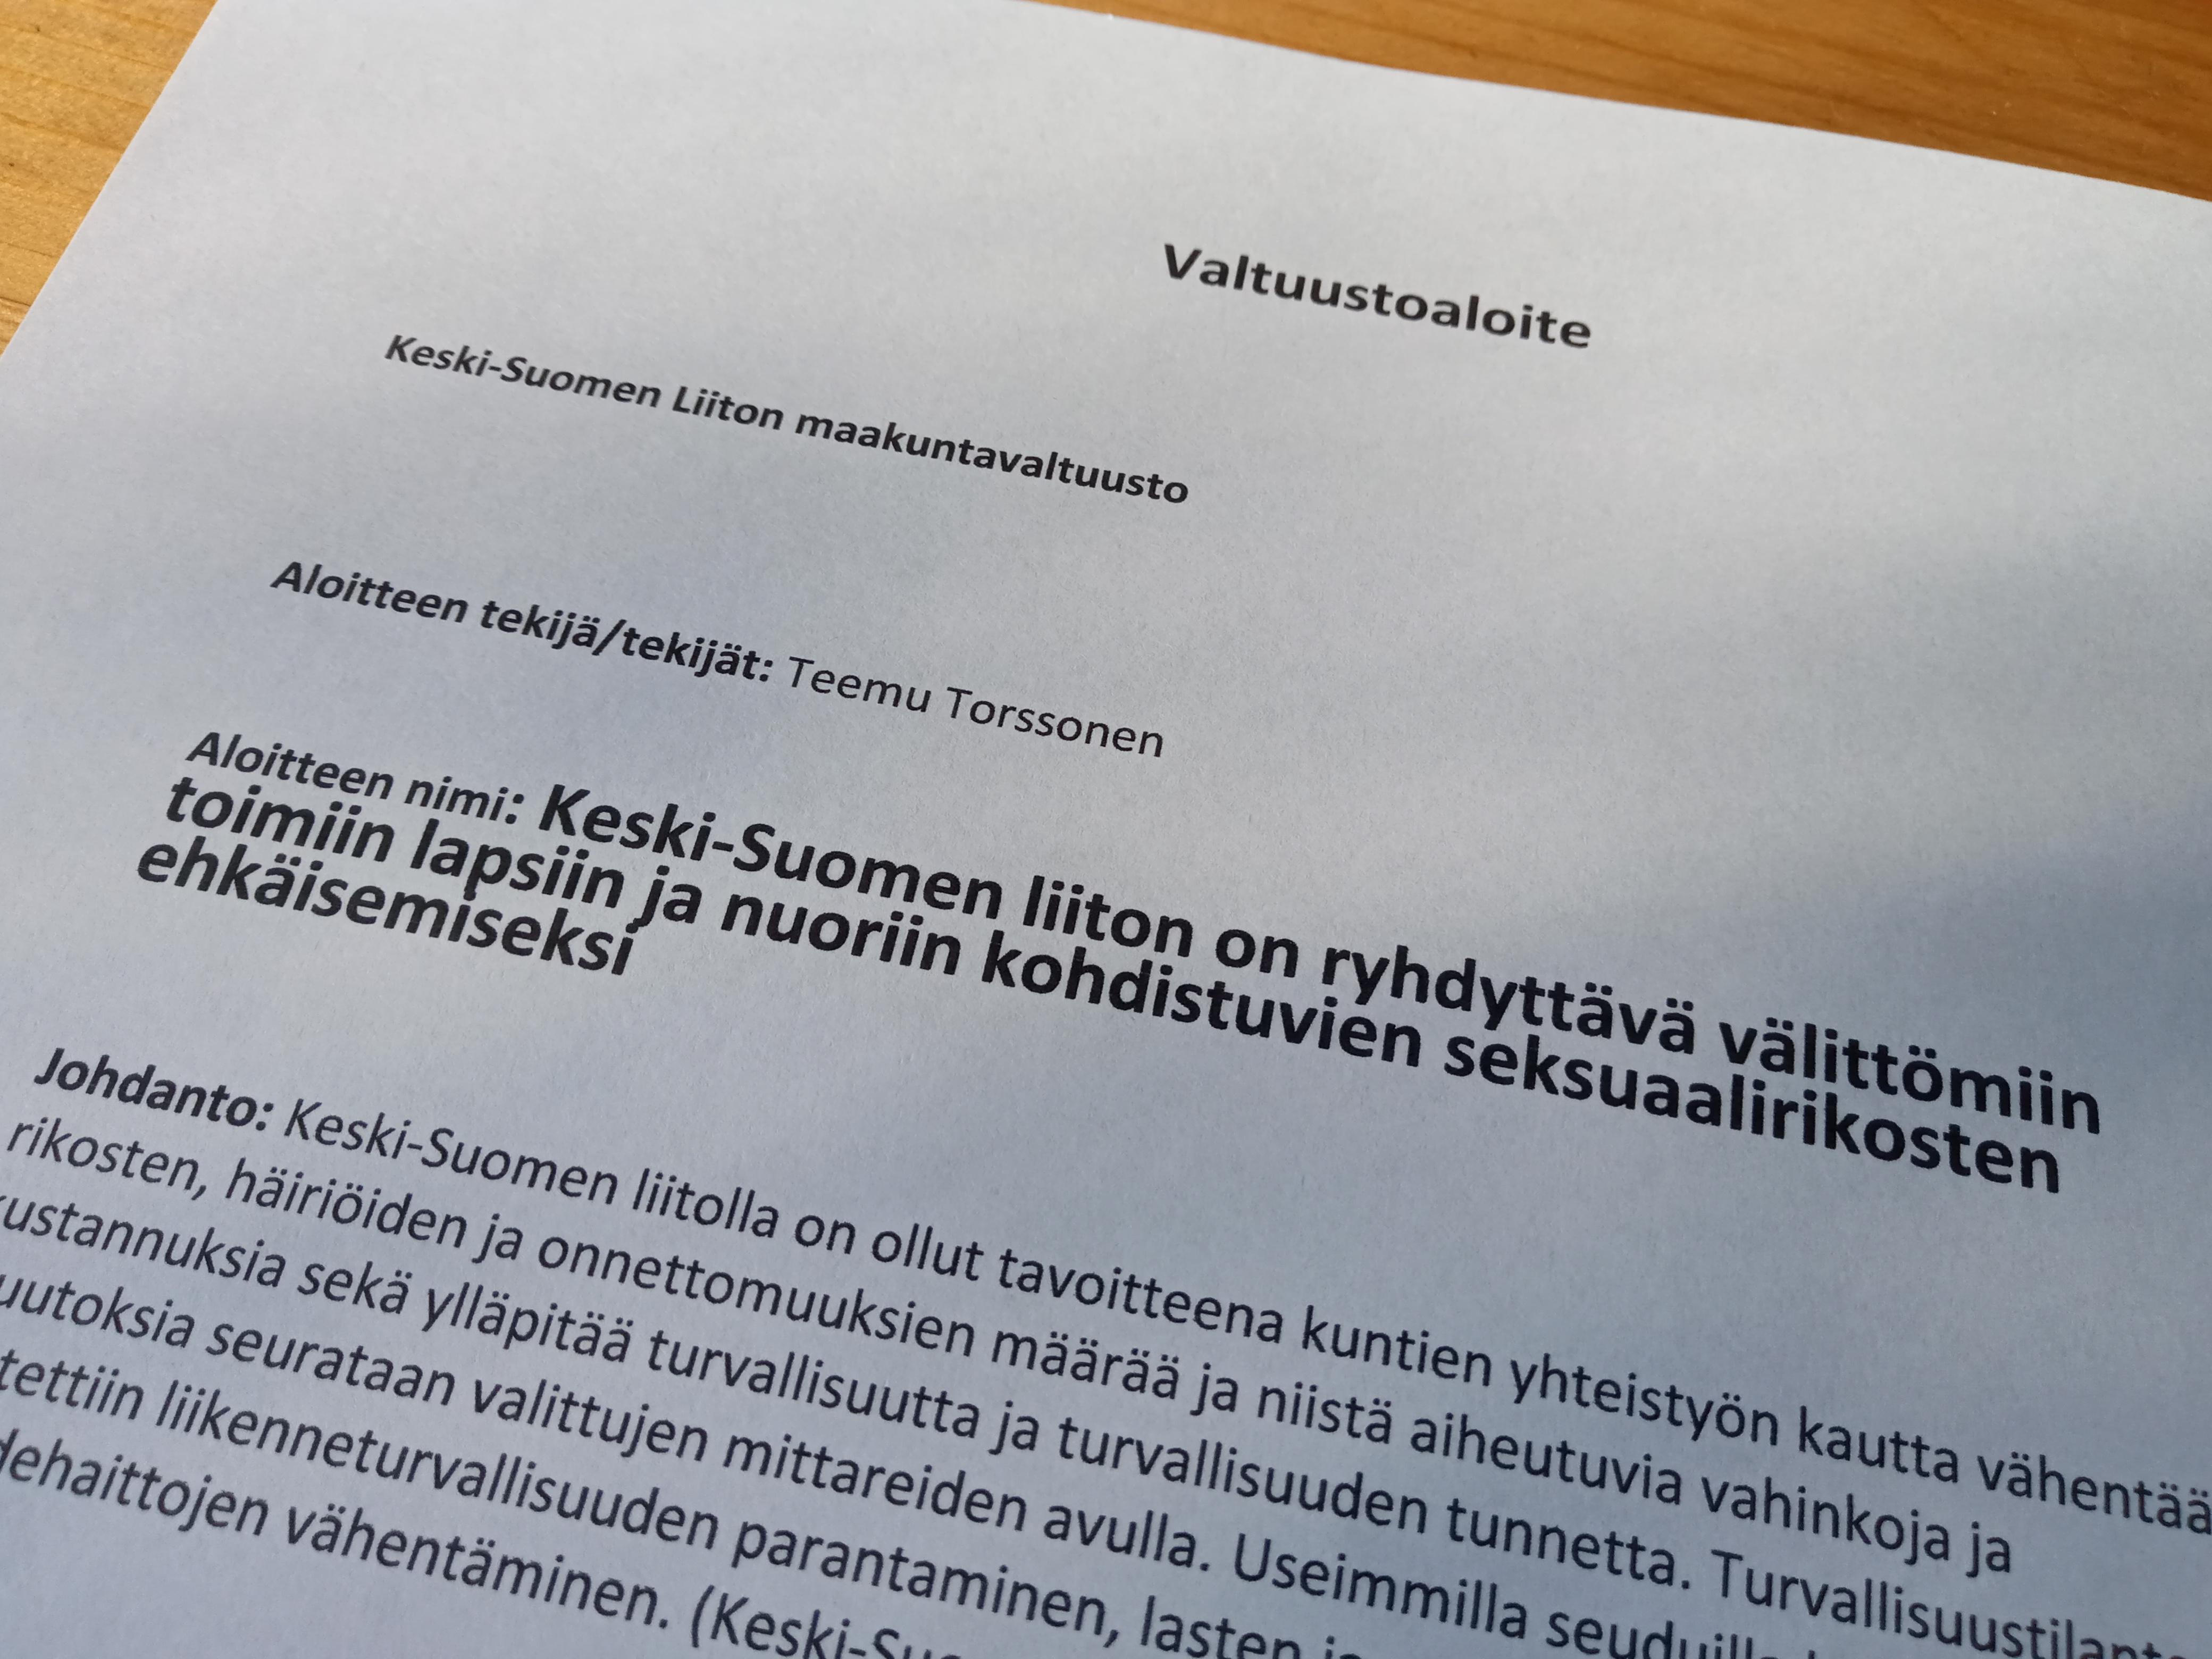 Valtuustoaloite_lapsiin_ja_nuoriin_kohdistuvat_seksuaalirikokset